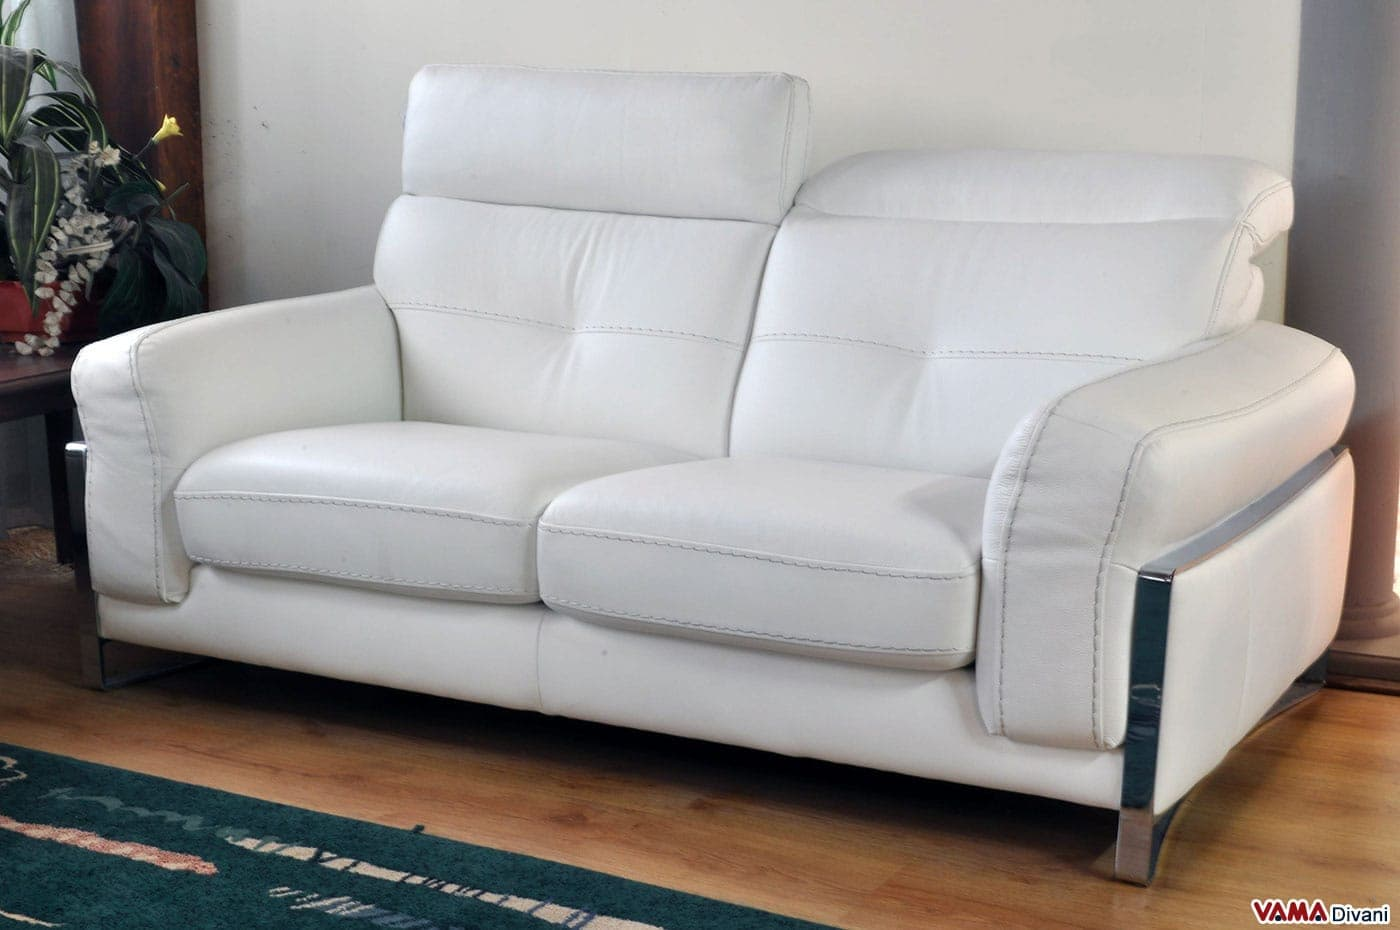 Divano angolare letto offerte awesome divano angolare - Divano letto in pelle ikea ...